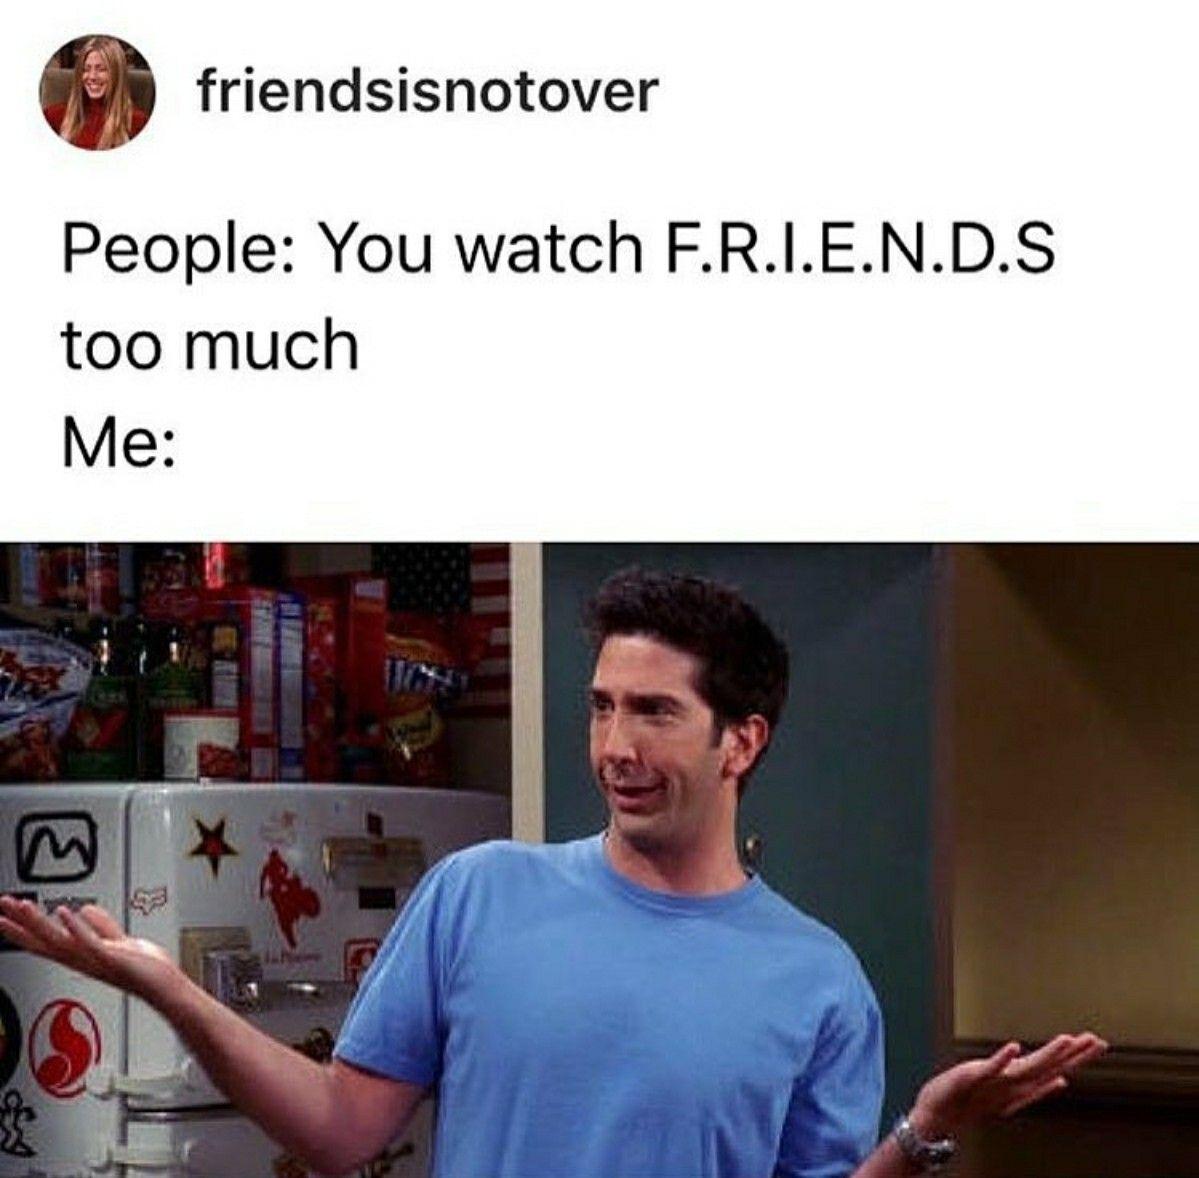 Yaas Babe We Do Watch F R I E N D S Too Much Friends Forever Friend Memes Friends Tv Show